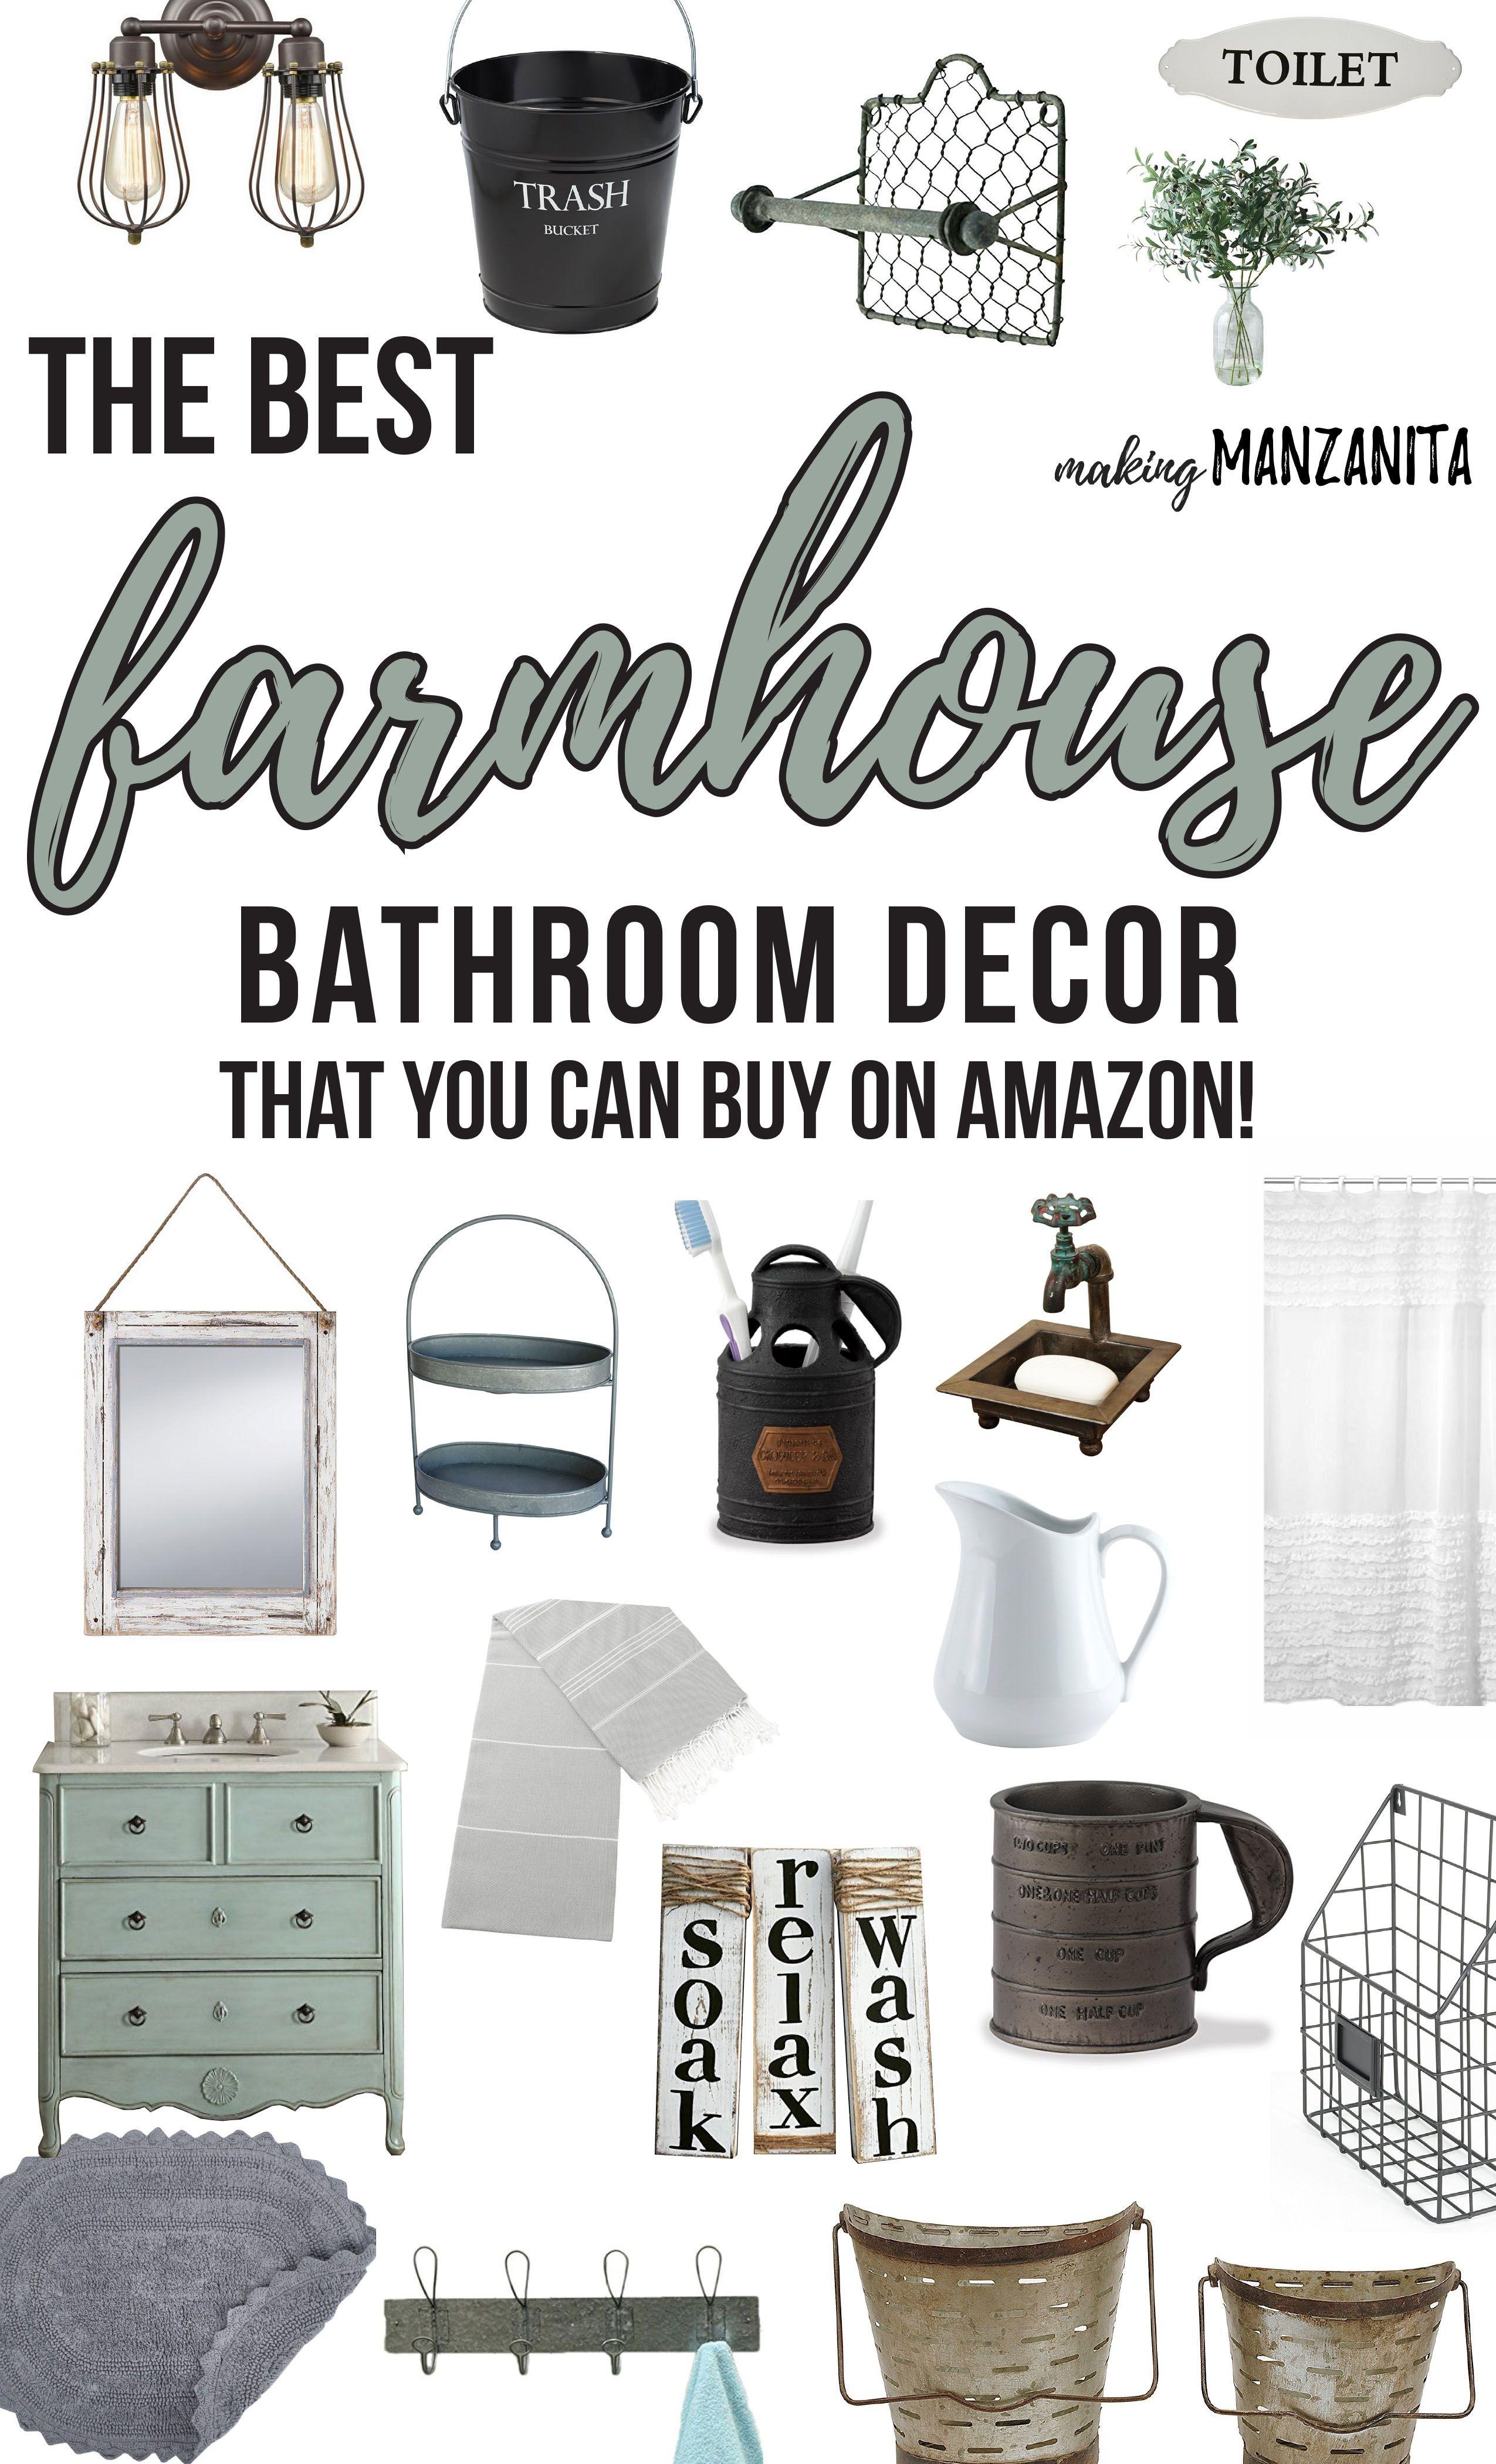 Best Farmhouse Bathroom Decor From Amazon Making Manzanita Farmhouse Bathroom Decor Bathroom Farmhouse Style Farmhouse Style Bathroom Decor